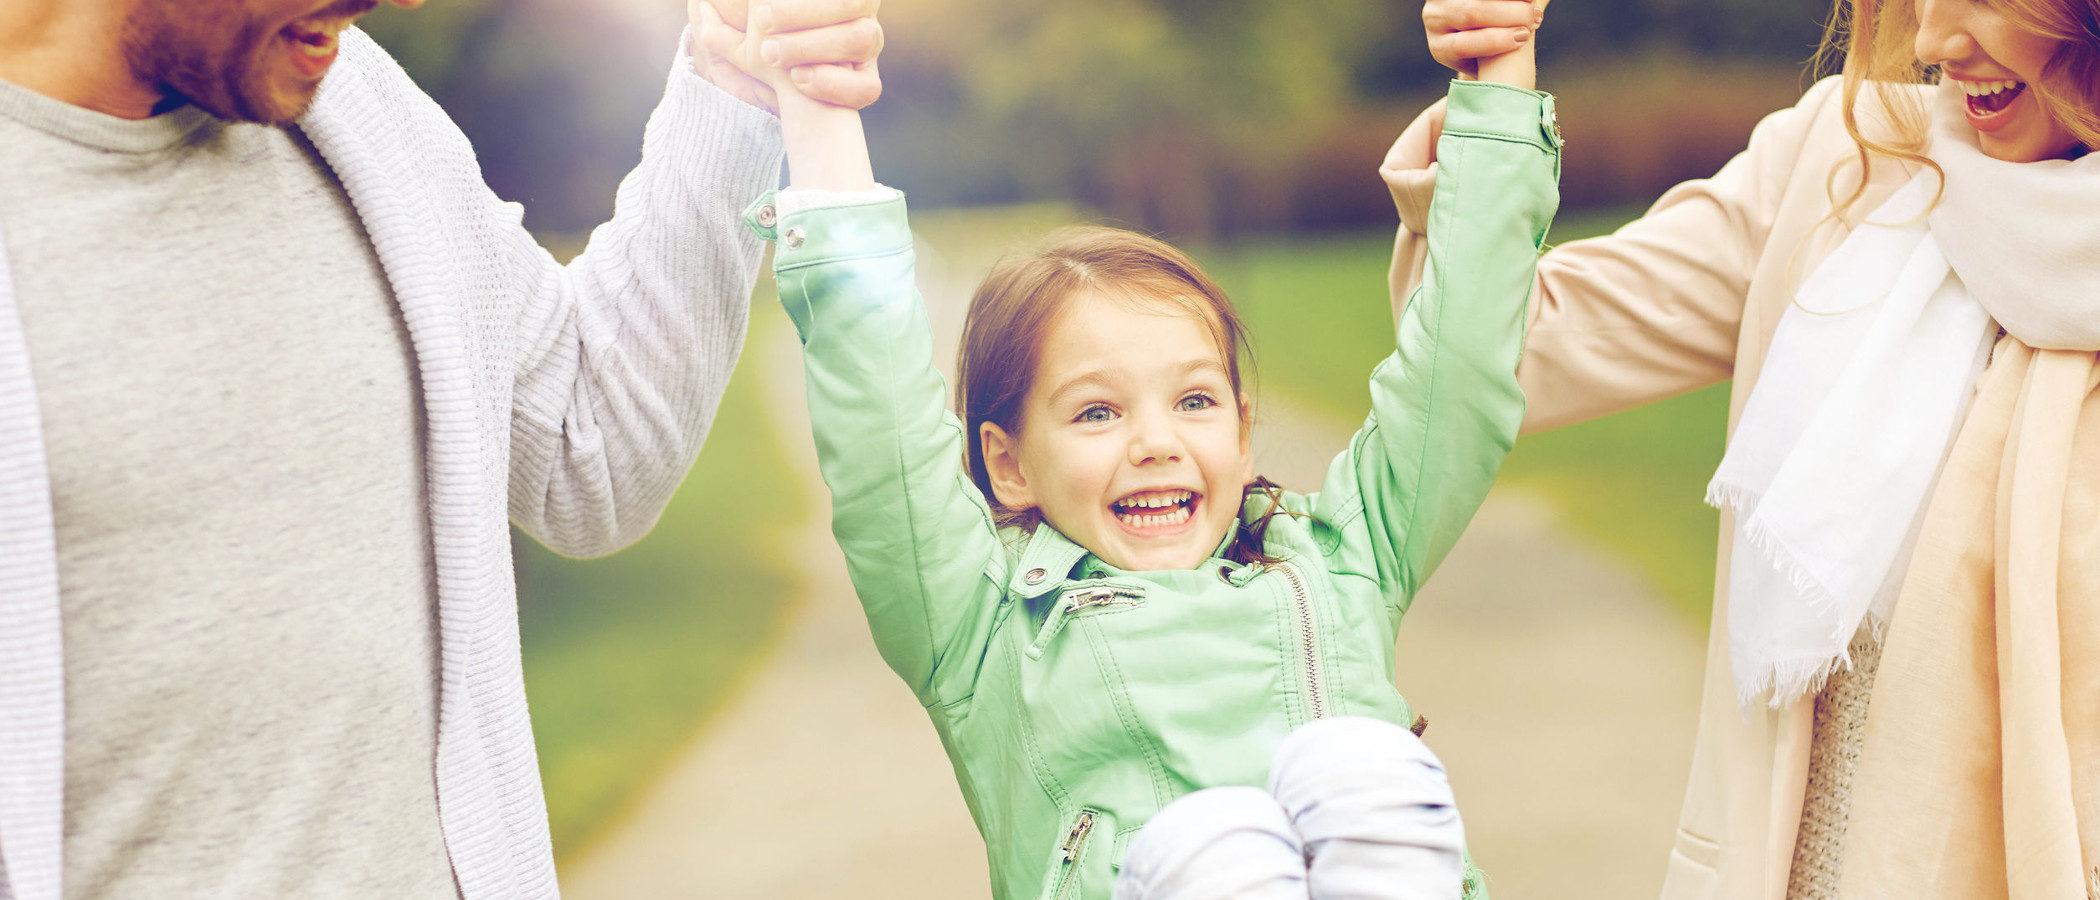 Cómo potenciar una autoestima saludable en los niños